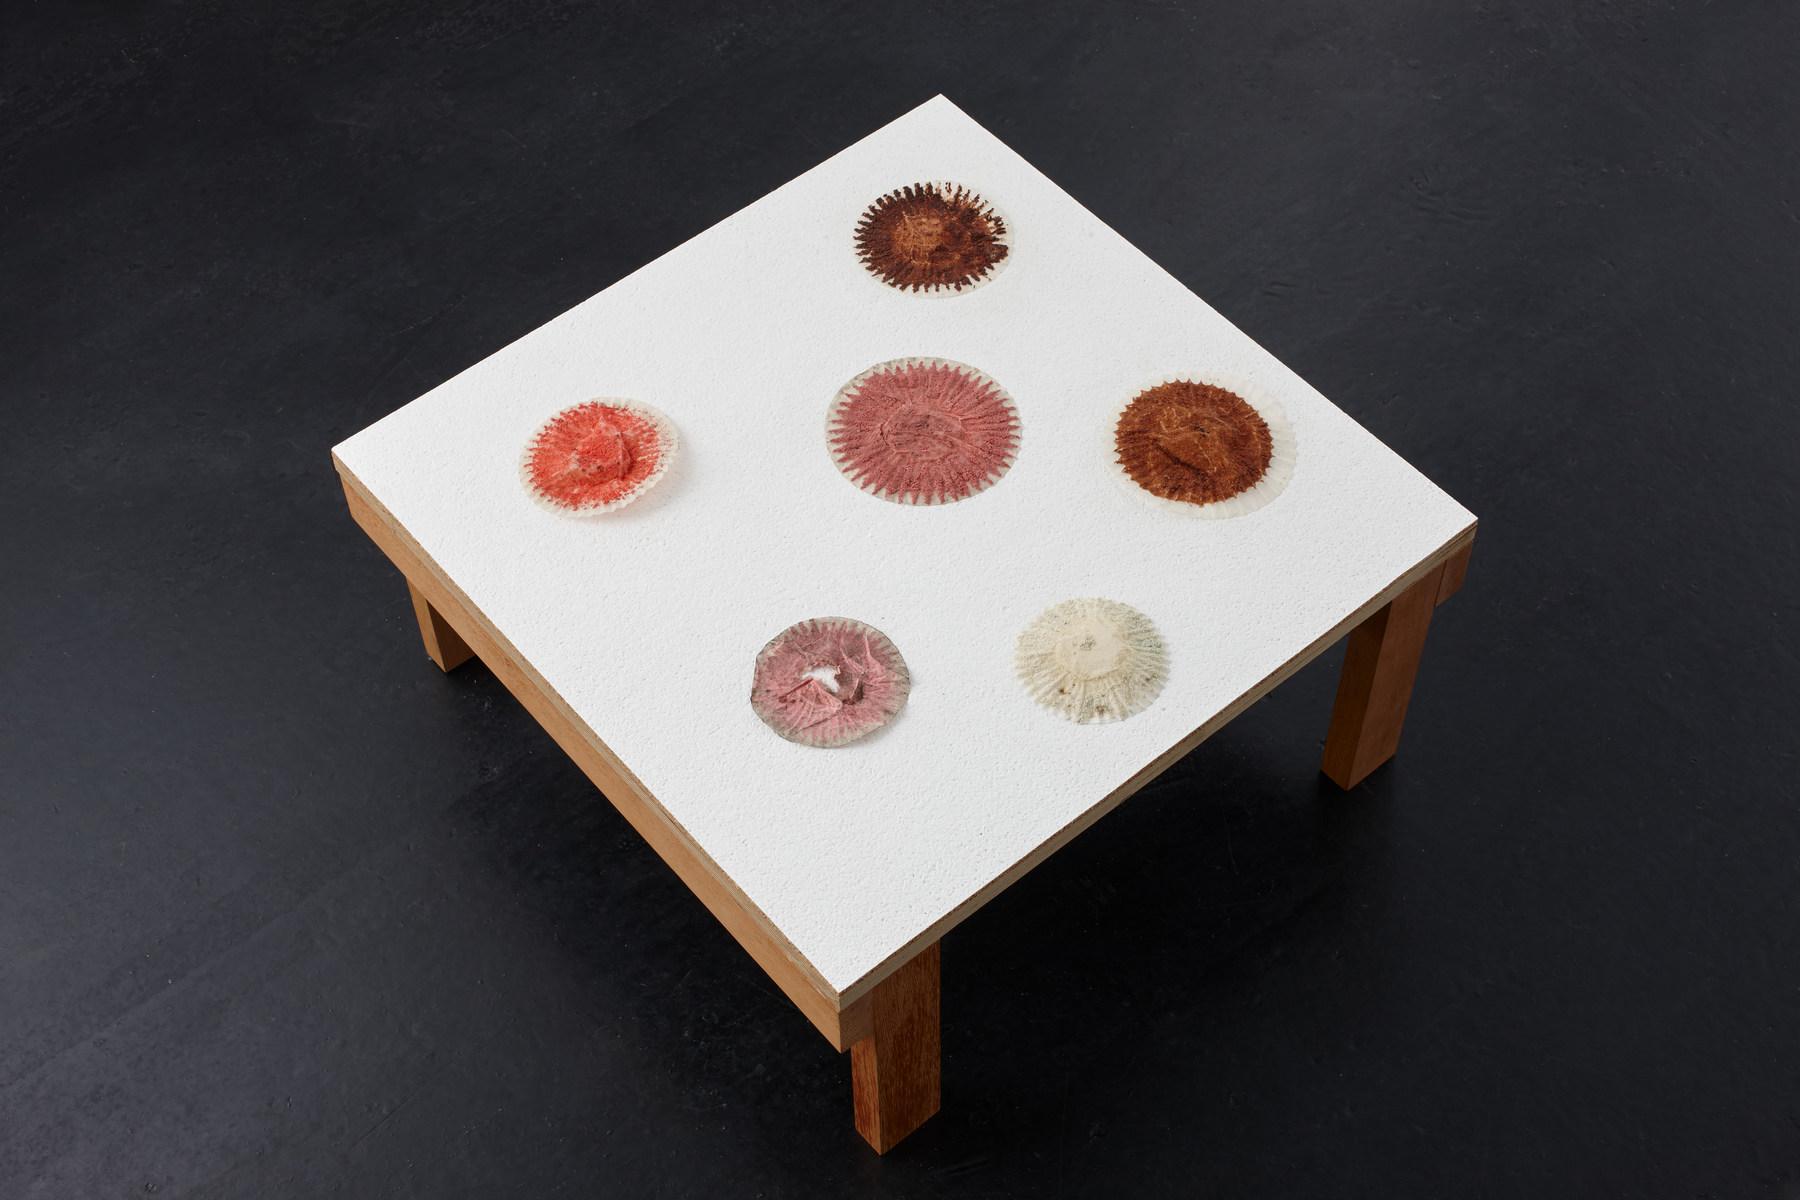 Yuji Agematsu - Table Work, 2011-2014